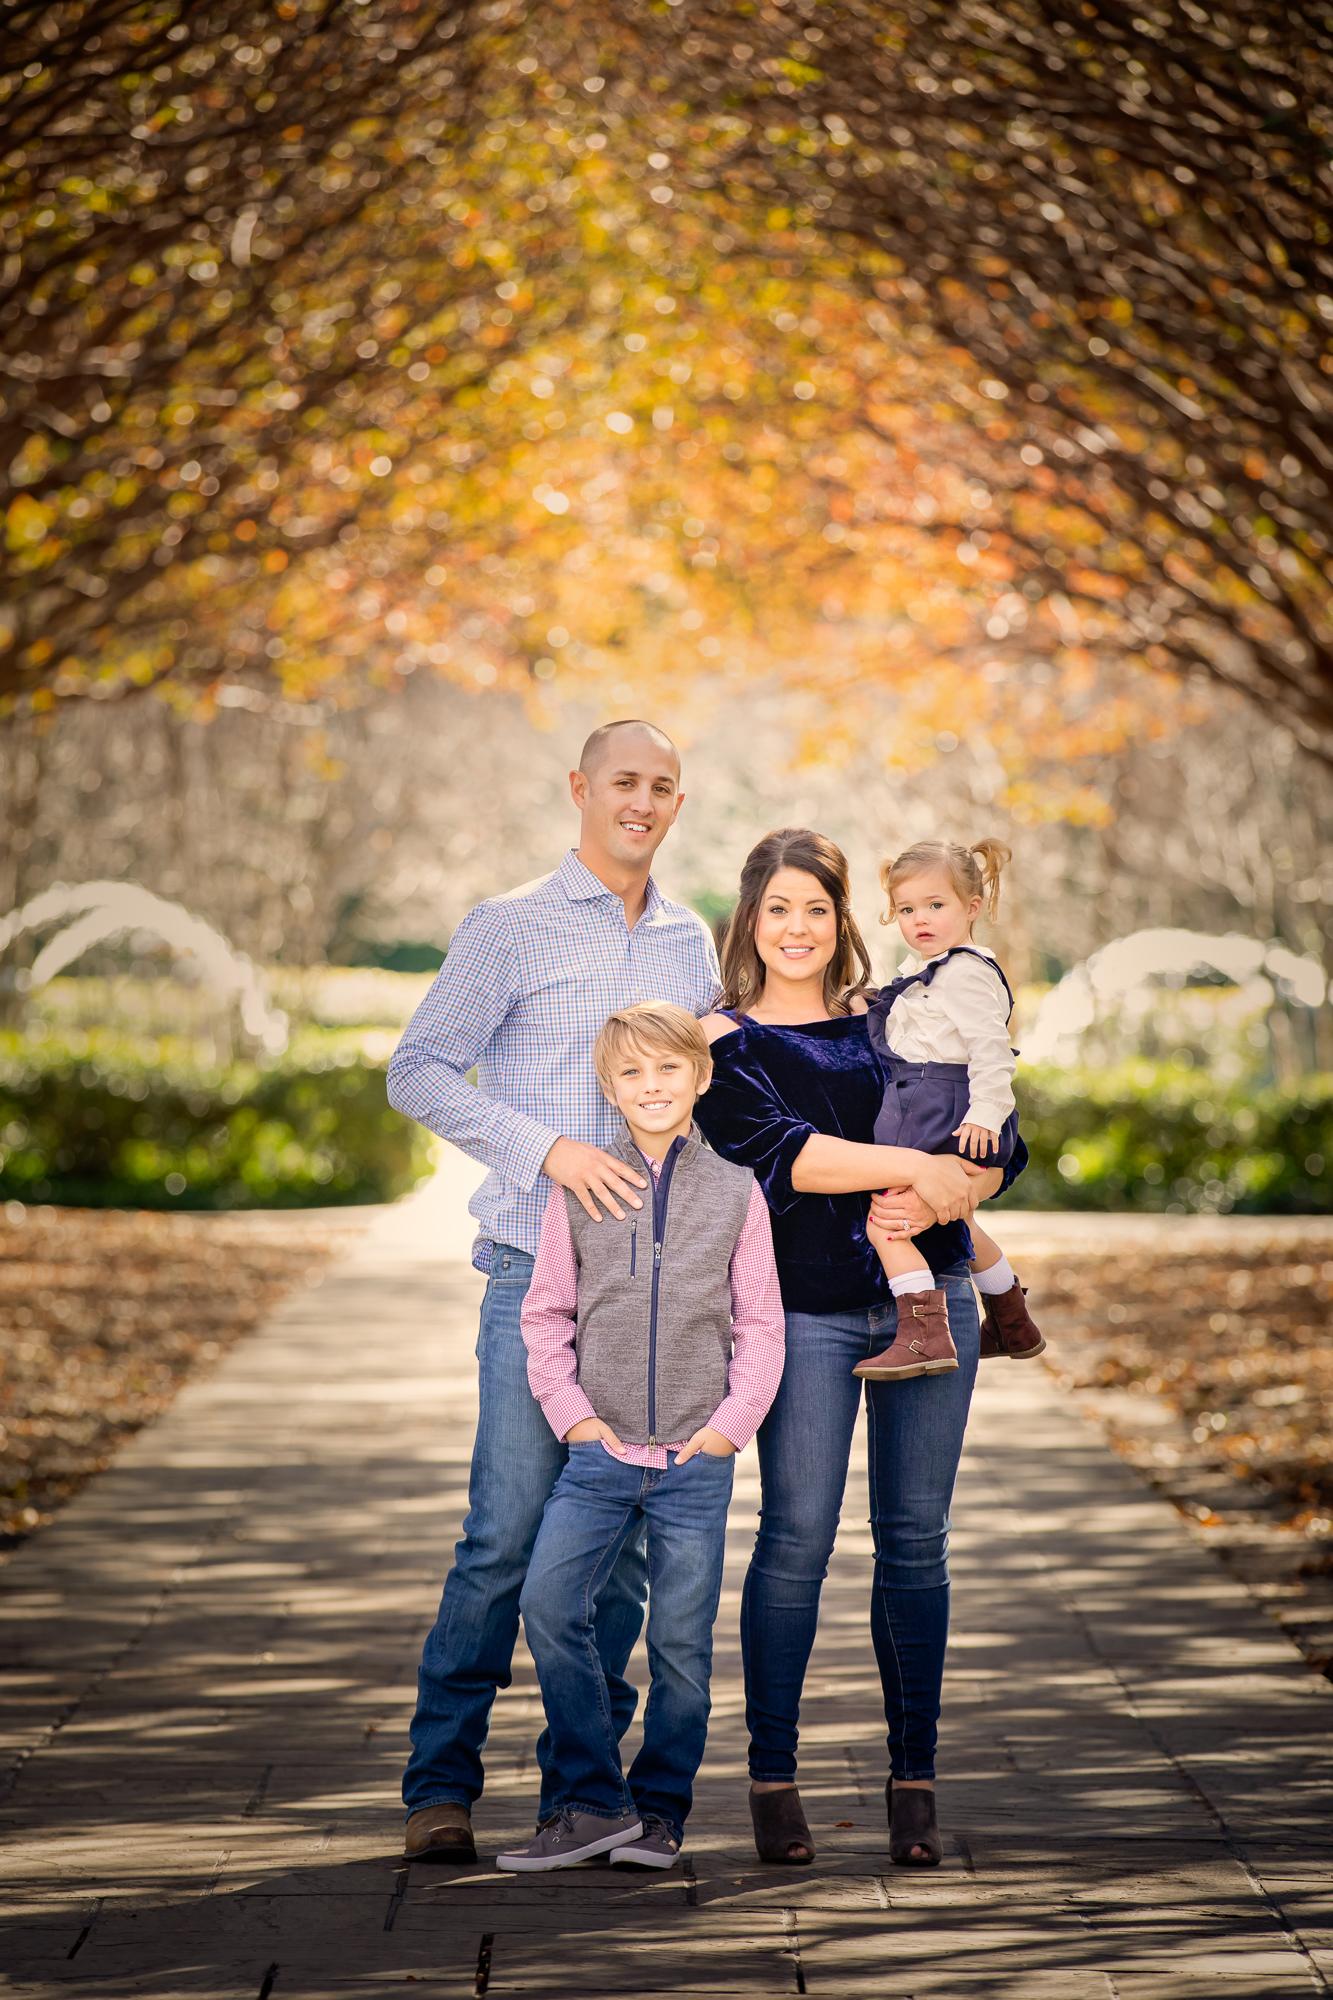 DFW Family Photographer Dallas Arboretum Session